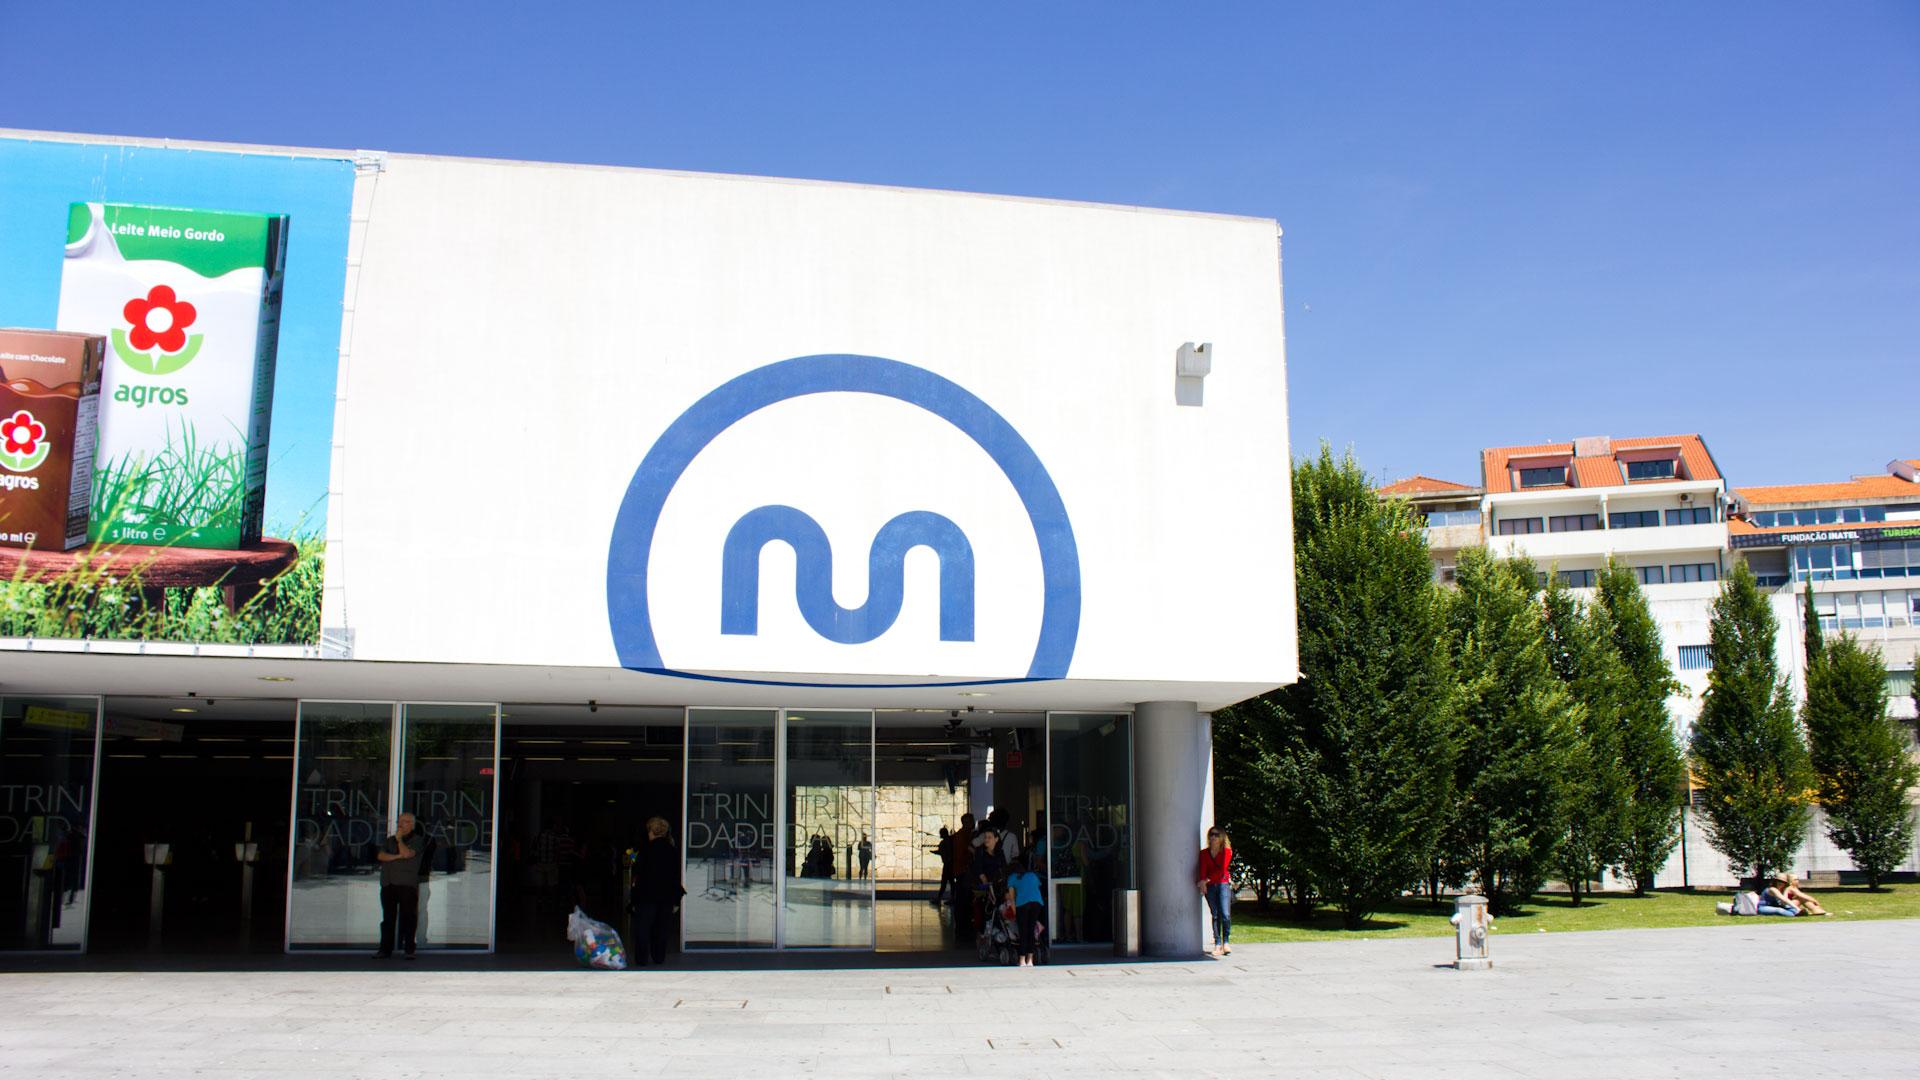 Trindade Metro Station Porto